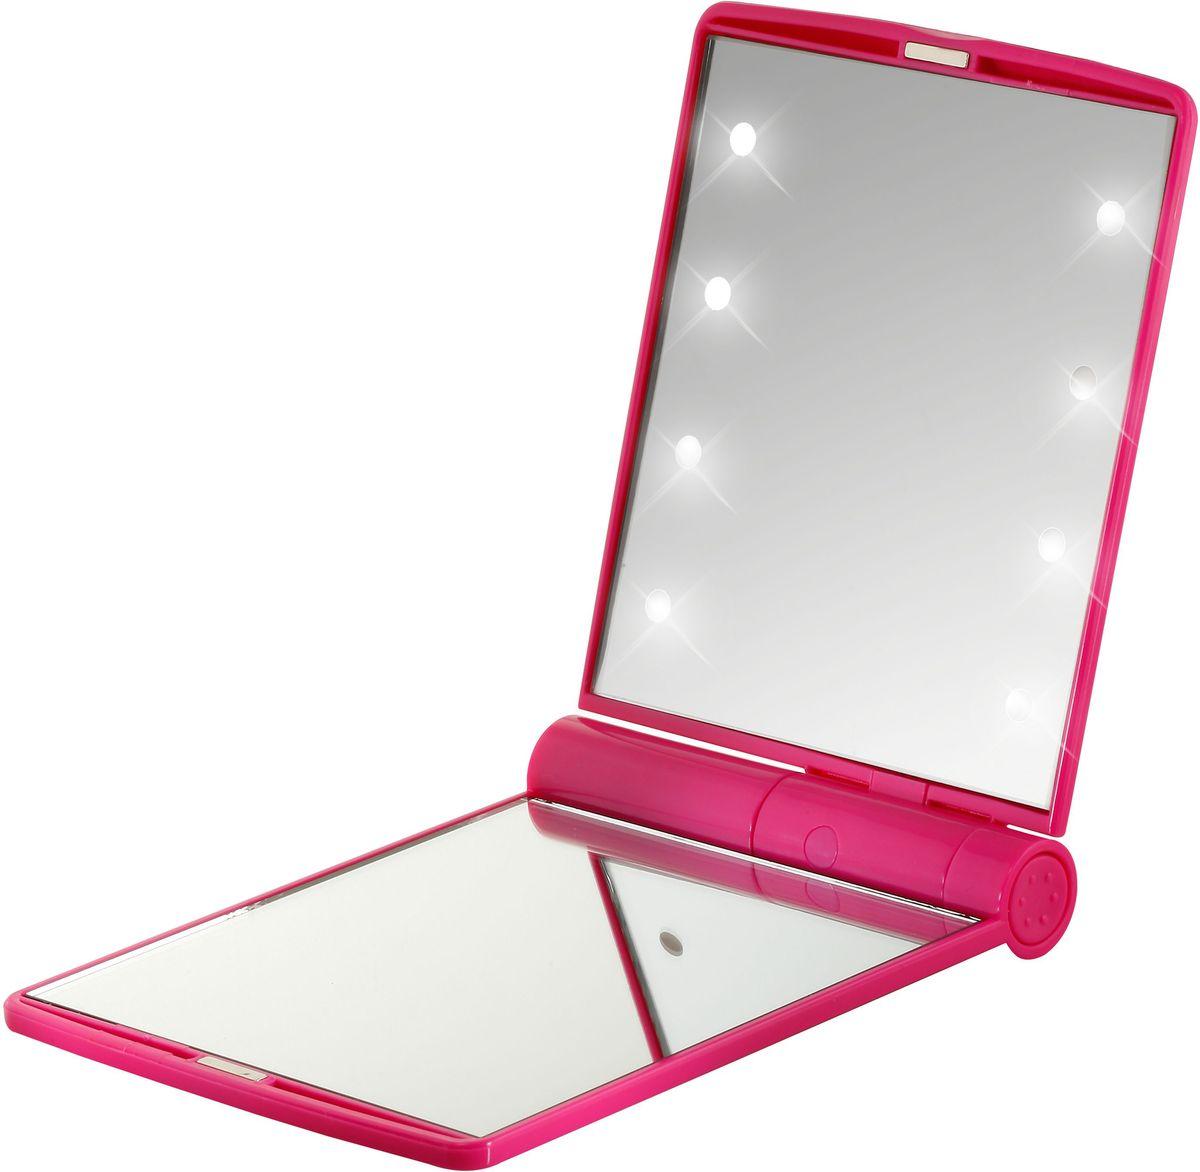 Flo Зеркало косметическое Led Celebrity Mirror, с LED-подсветкой, 2-х увеличение, цвет: фуксия28032022Двойное зеркало с LED-подсветкой из 8 светодиодов, удобной подставкой и одним зеркалом с 2-кратным увеличением для использования в малоосвещенных помещениях, самолетах. Материал: пластик, стекло, светодиодные лампы